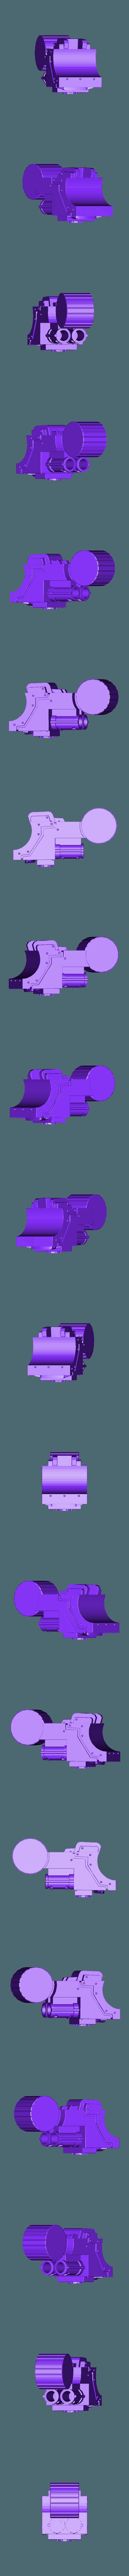 leg02.STL Télécharger fichier STL gratuit Lucius Wardog Titan • Plan pour imprimante 3D, jimsbeanz